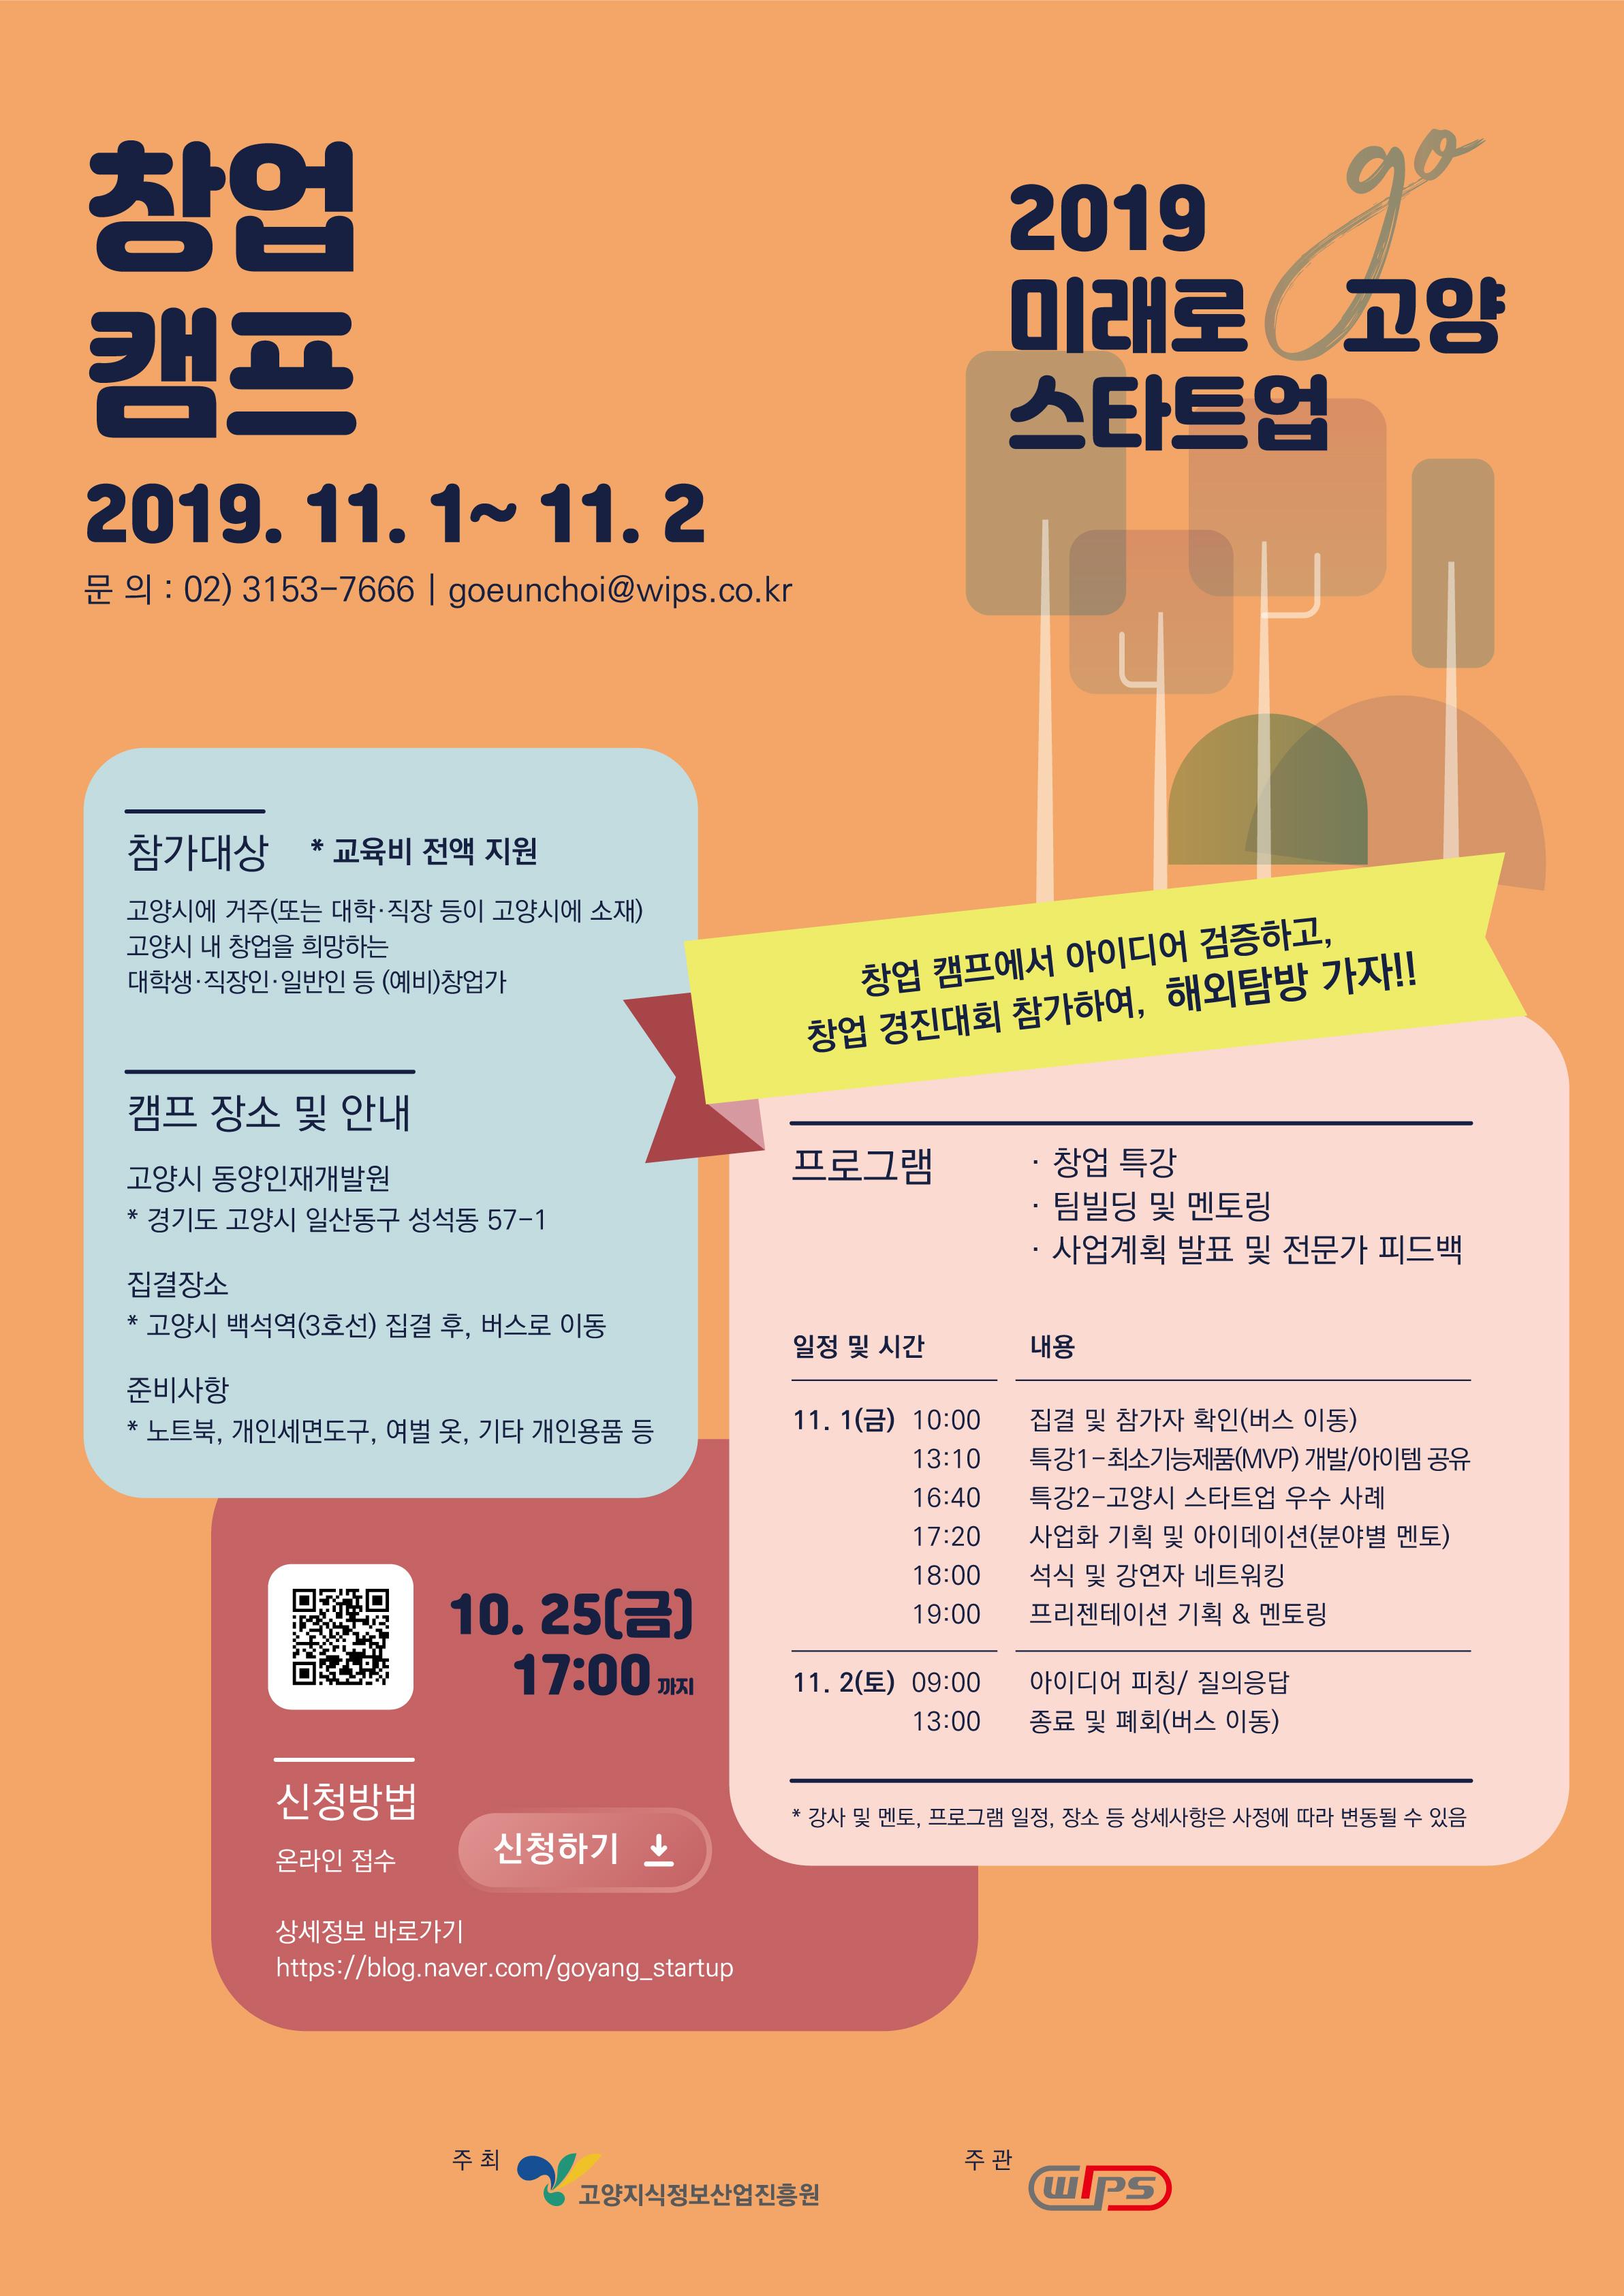 2019 미래로 고양 스타트업 육성 프로젝트 - 창업 캠프